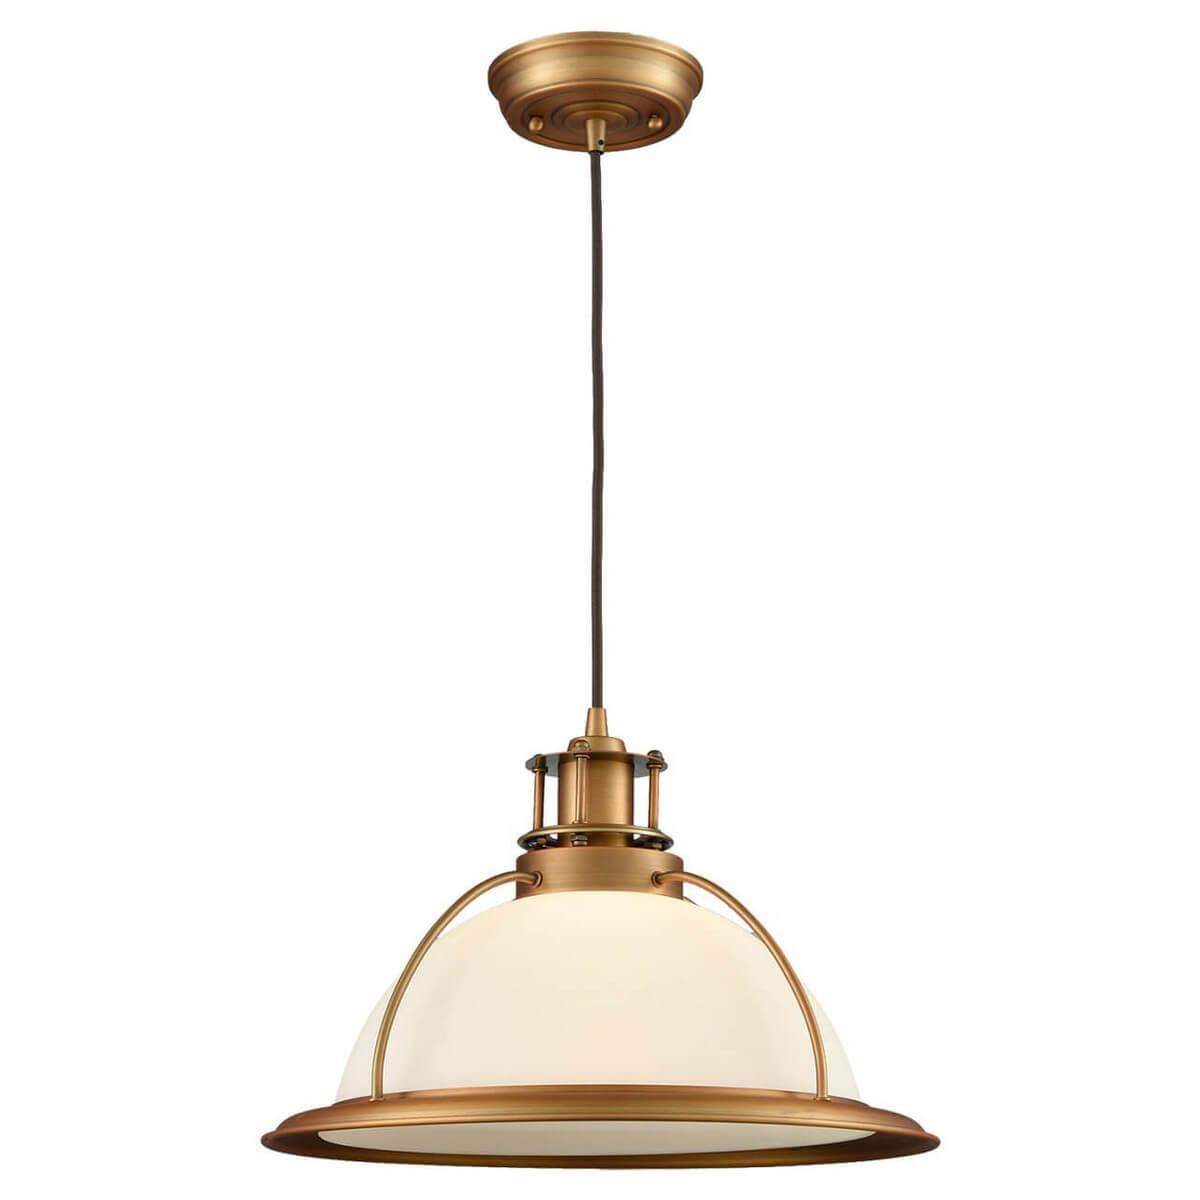 Подвесной светильник Lussole LOFT GRLSP-9811, E27, 11 Вт светильник lussole loft lsp 9811 lsp 9811